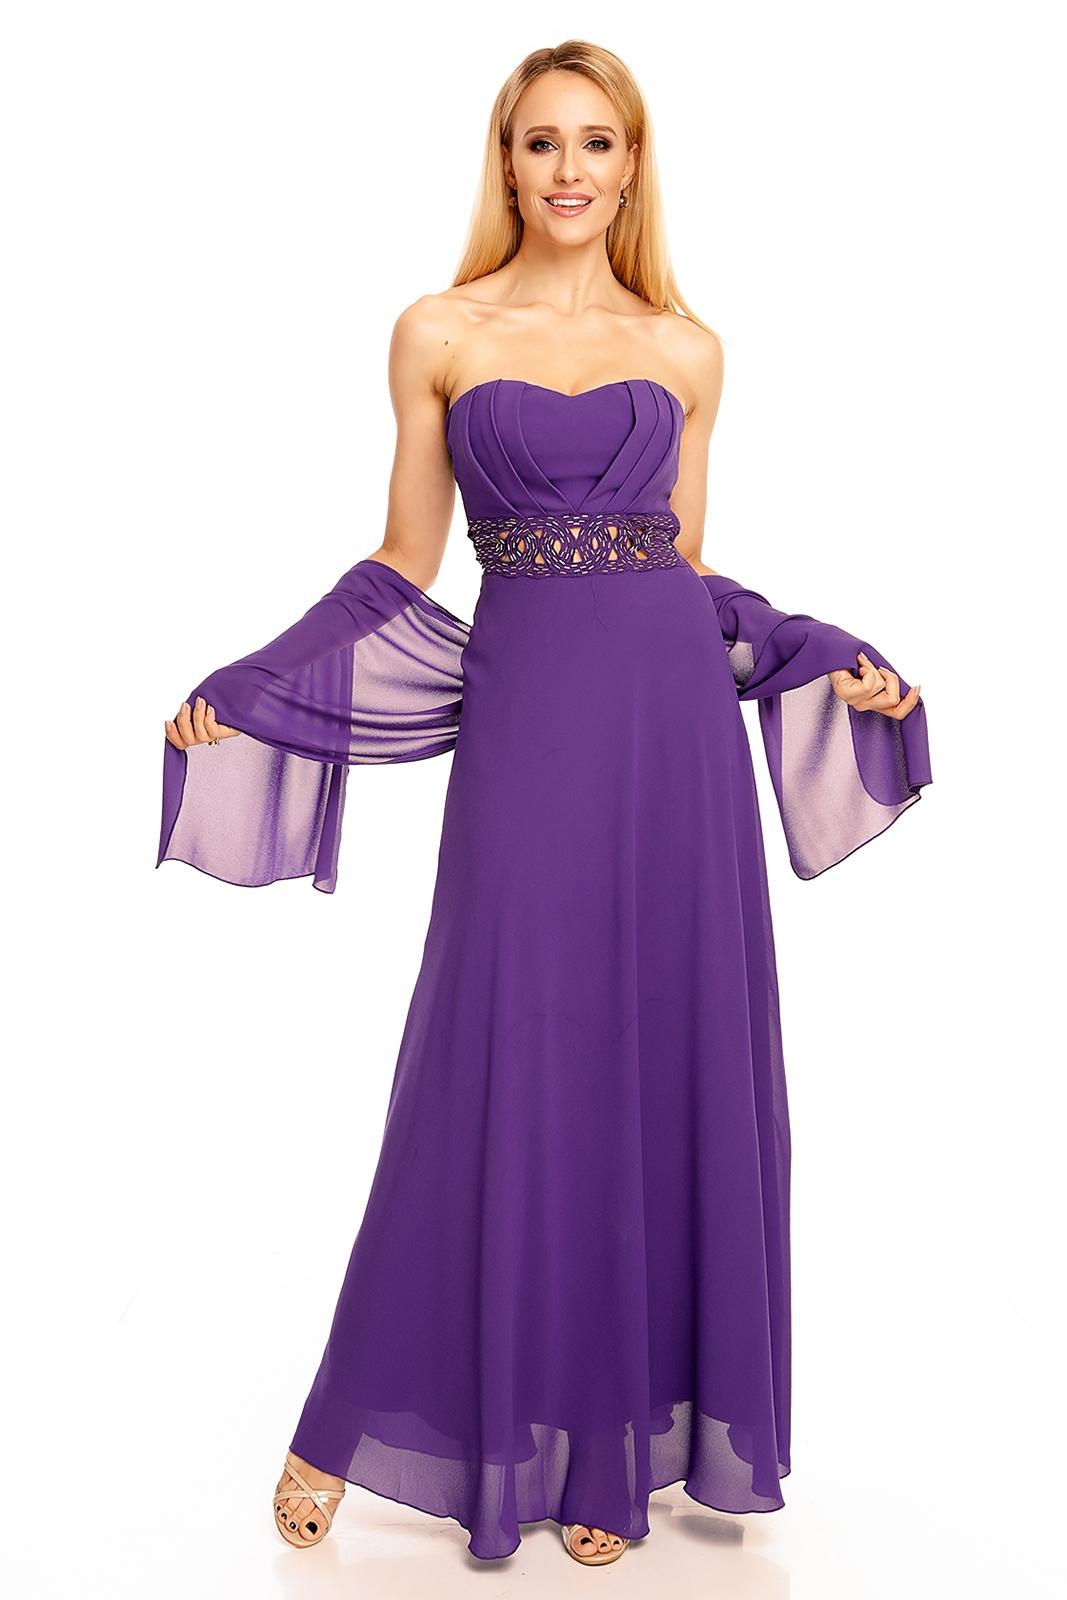 c9f18f83979f fialové purpurové šaty dlhé